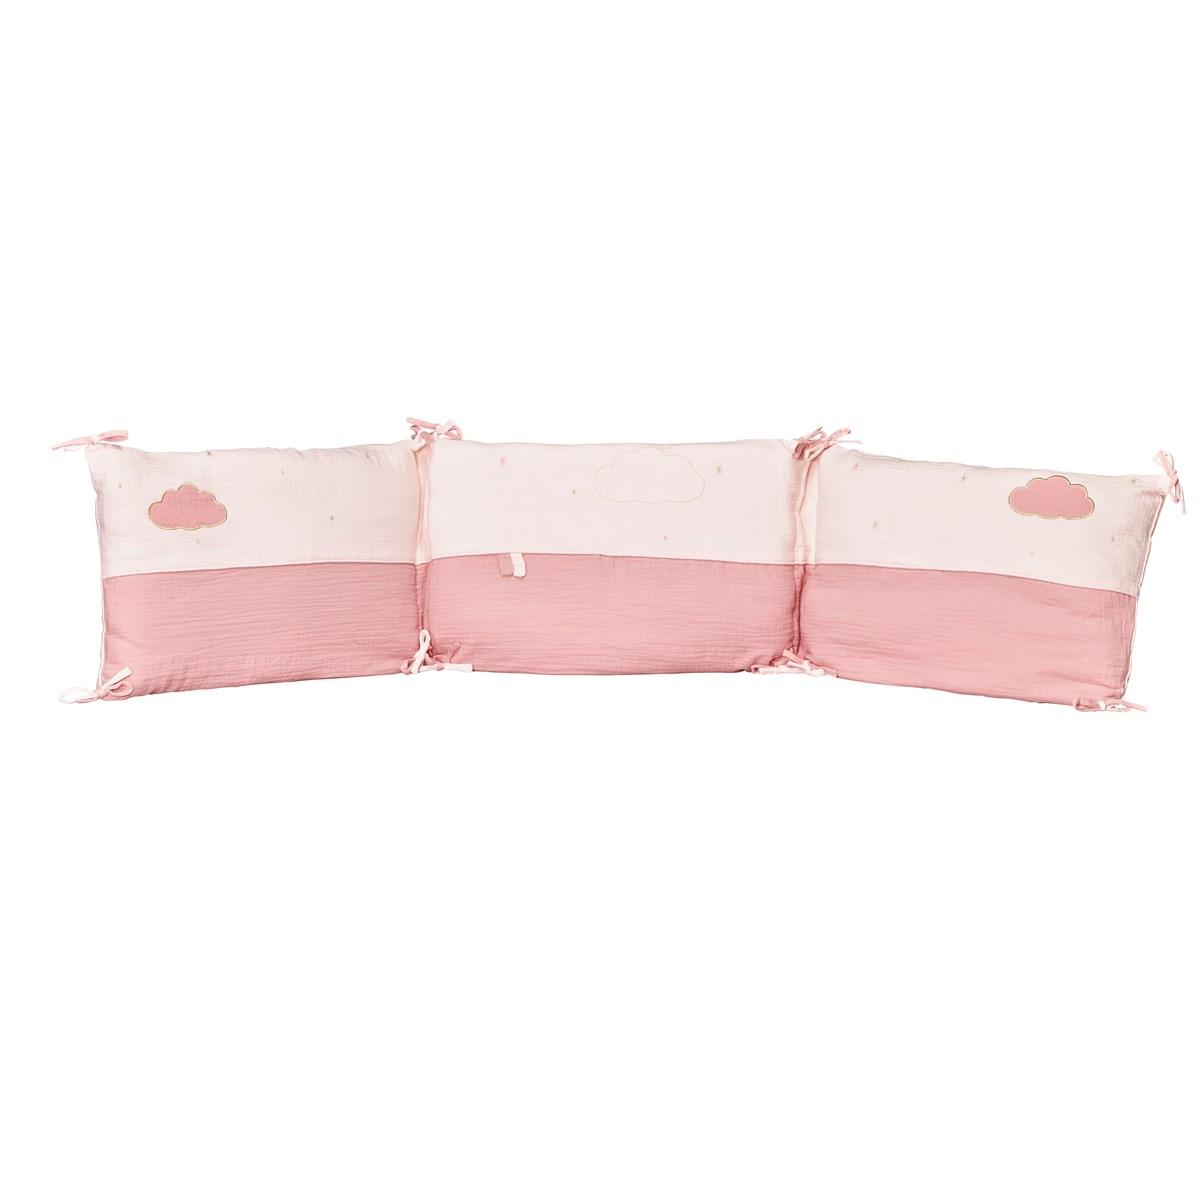 Tour de lit bébé en coton rose